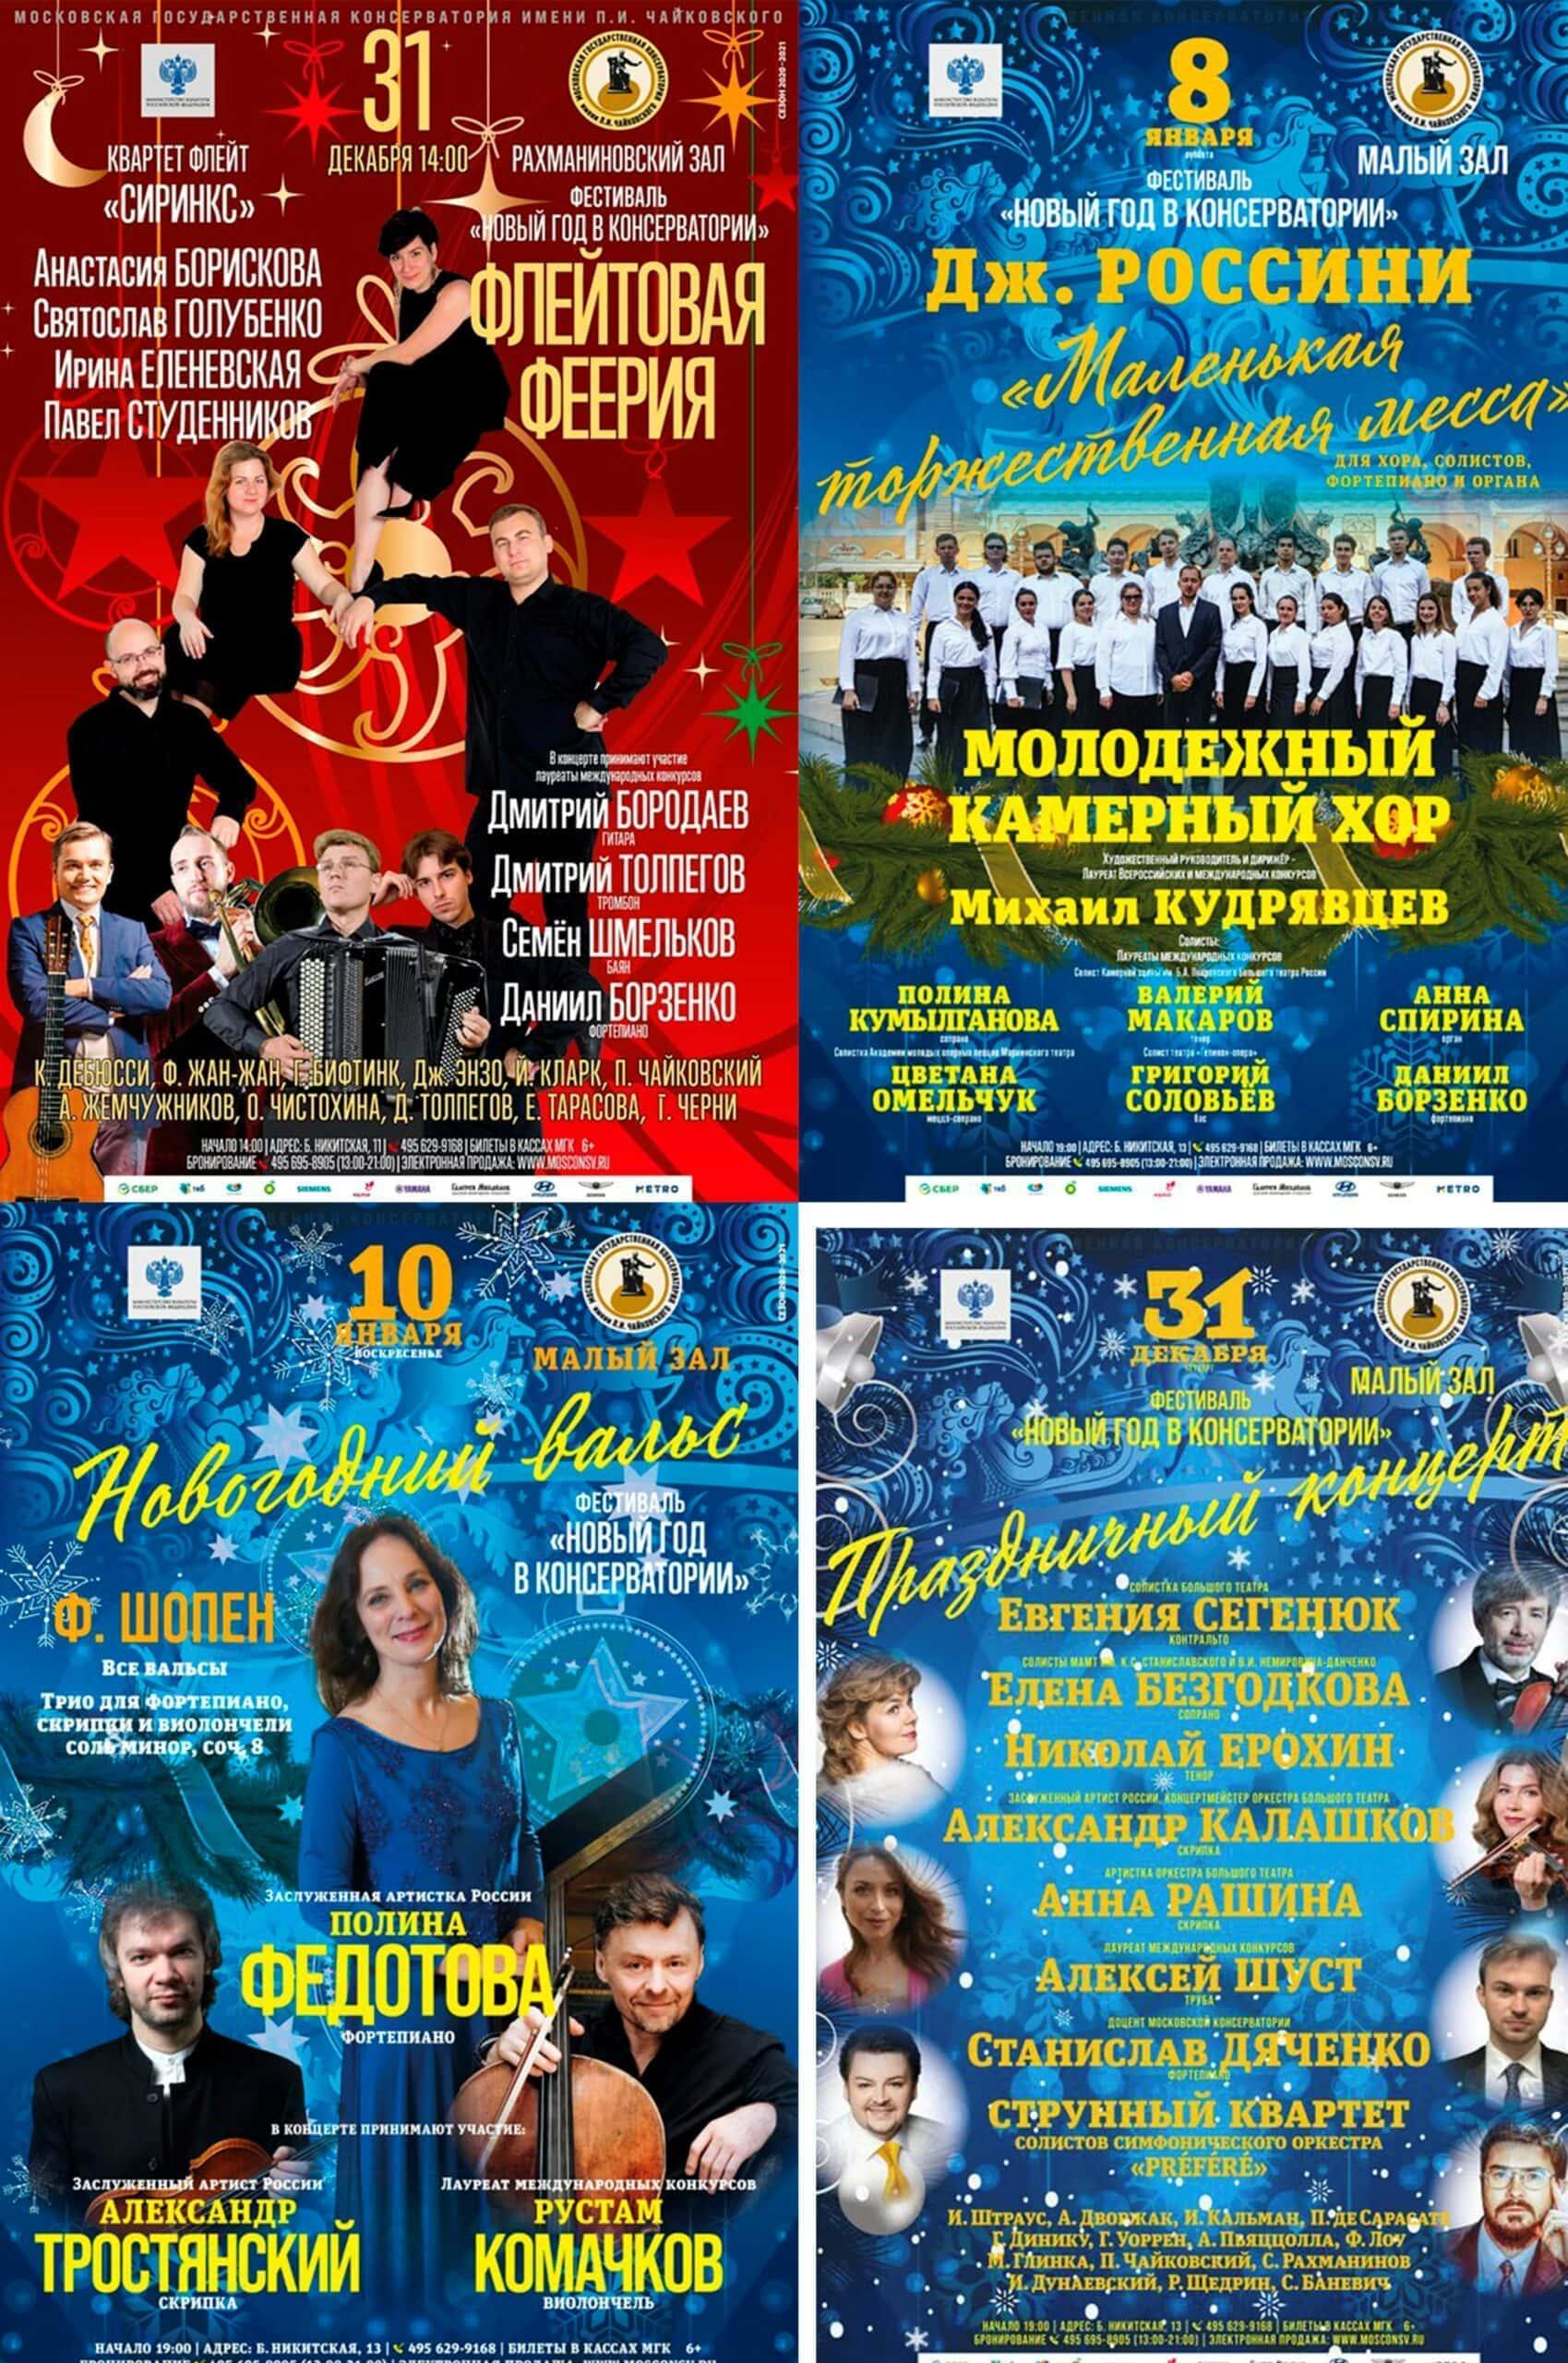 Новогодний фестиваль пройдет в залах Московской консерватории